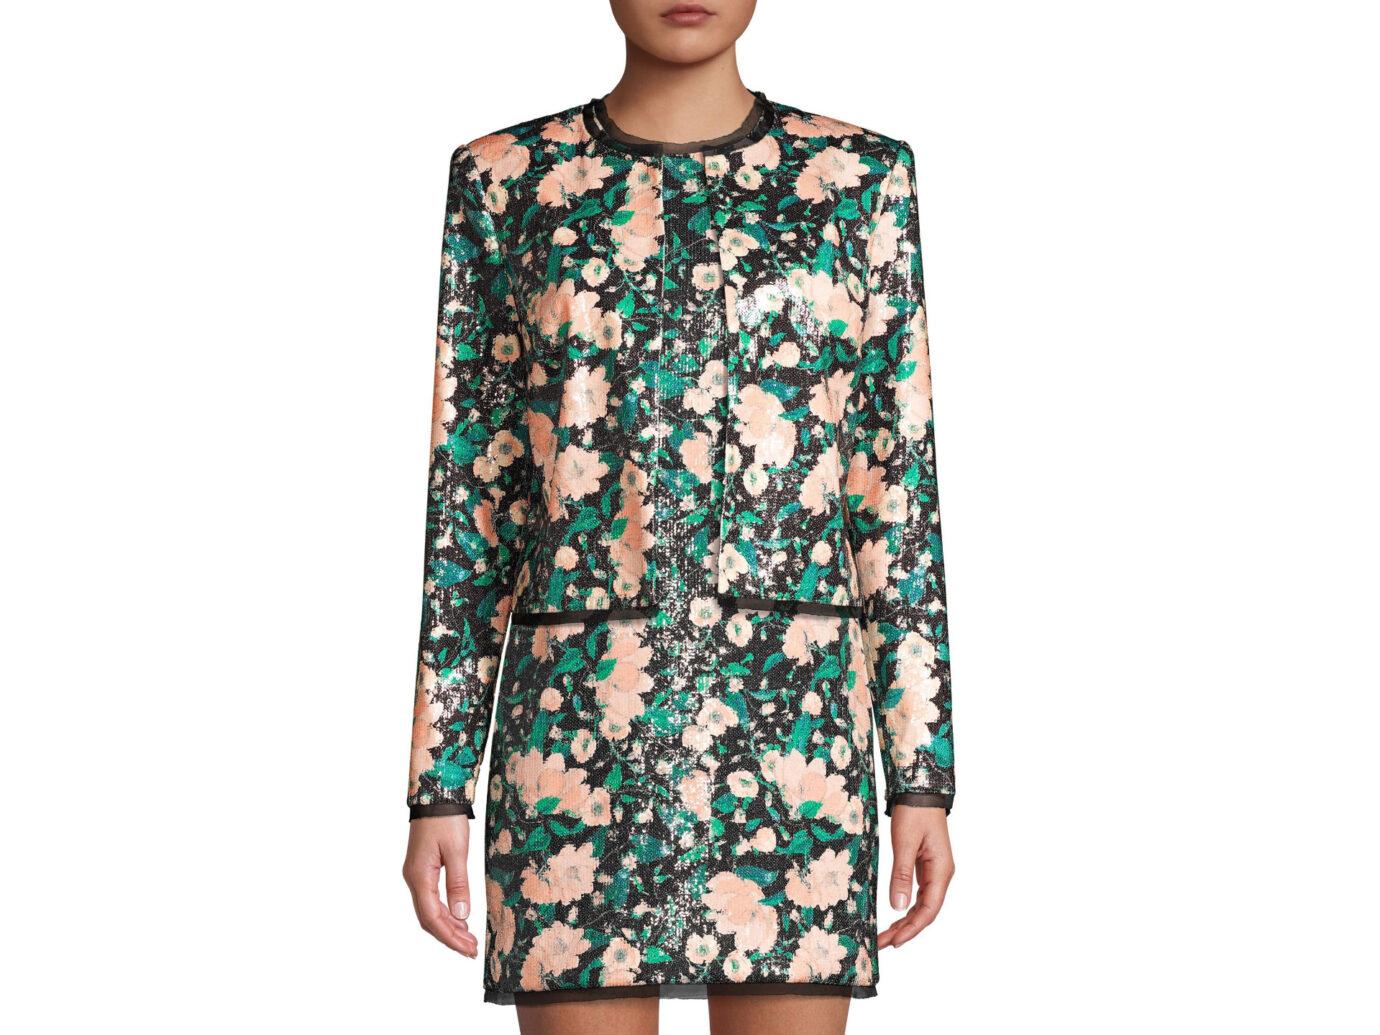 Rachel Zoe Abbie Print Sequin Collarless Jacket